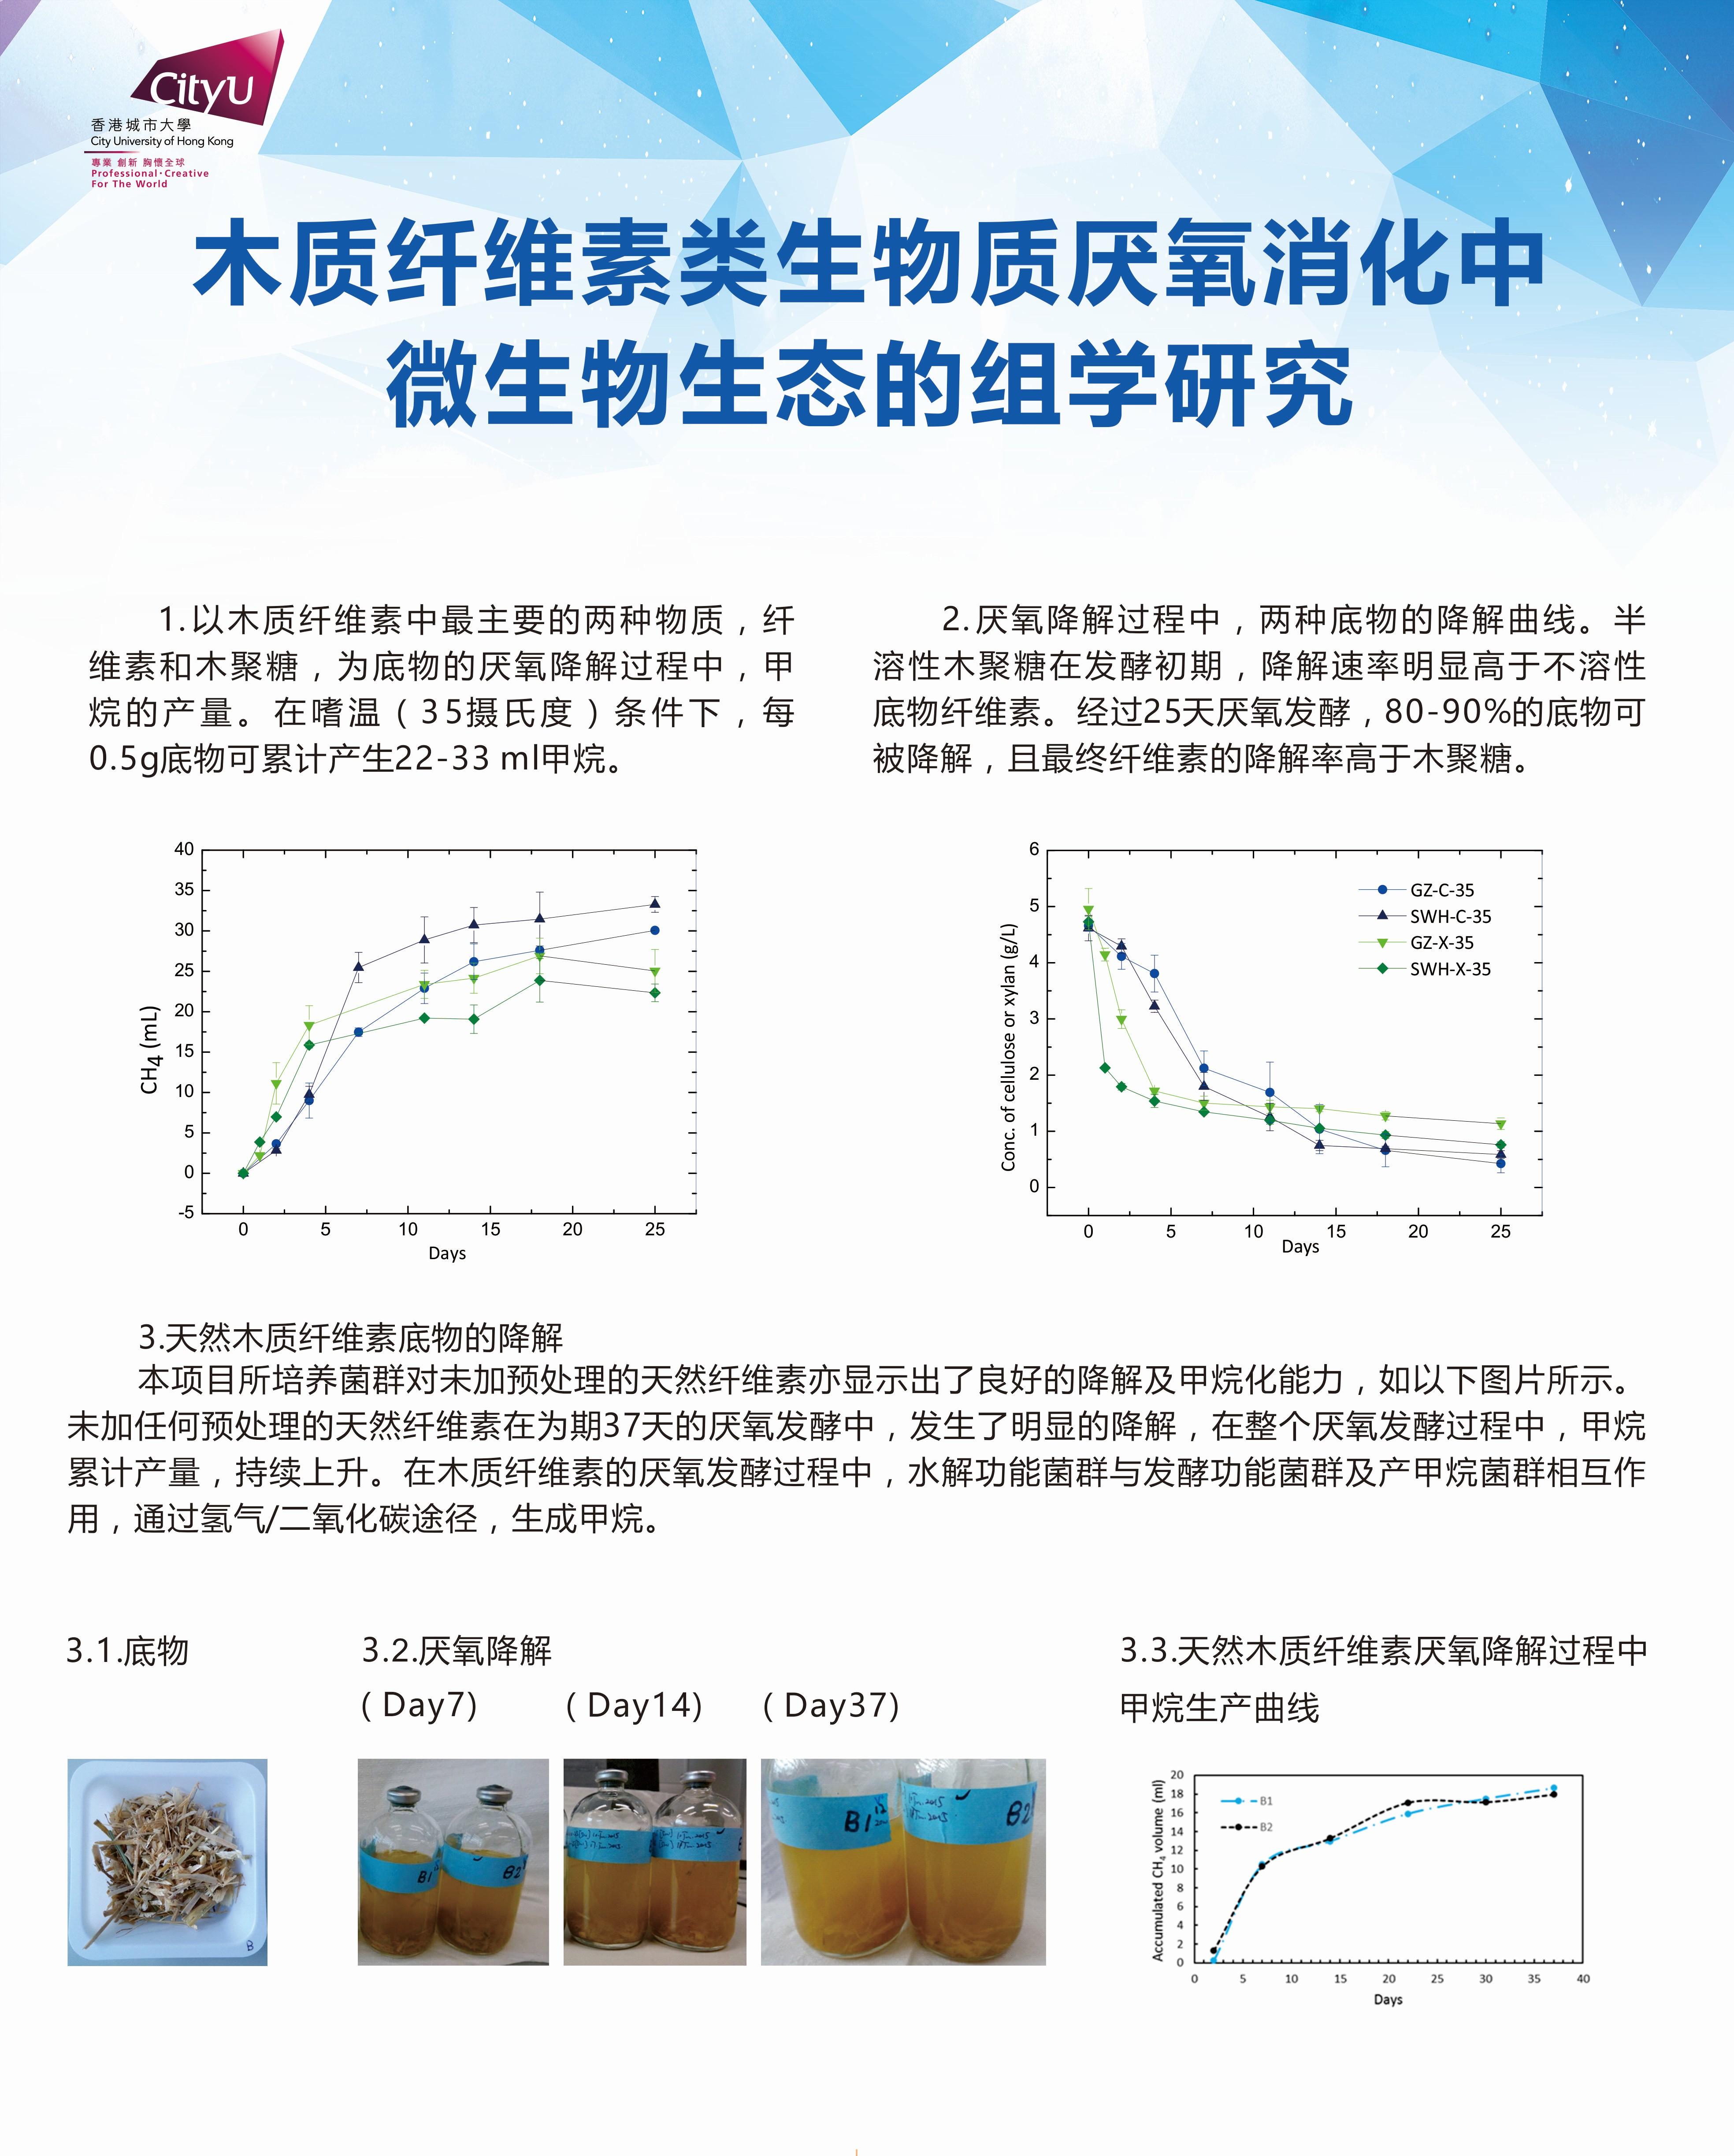 木质纤维素类生物质厌氧消化中微生物生态的组学研究.jpg